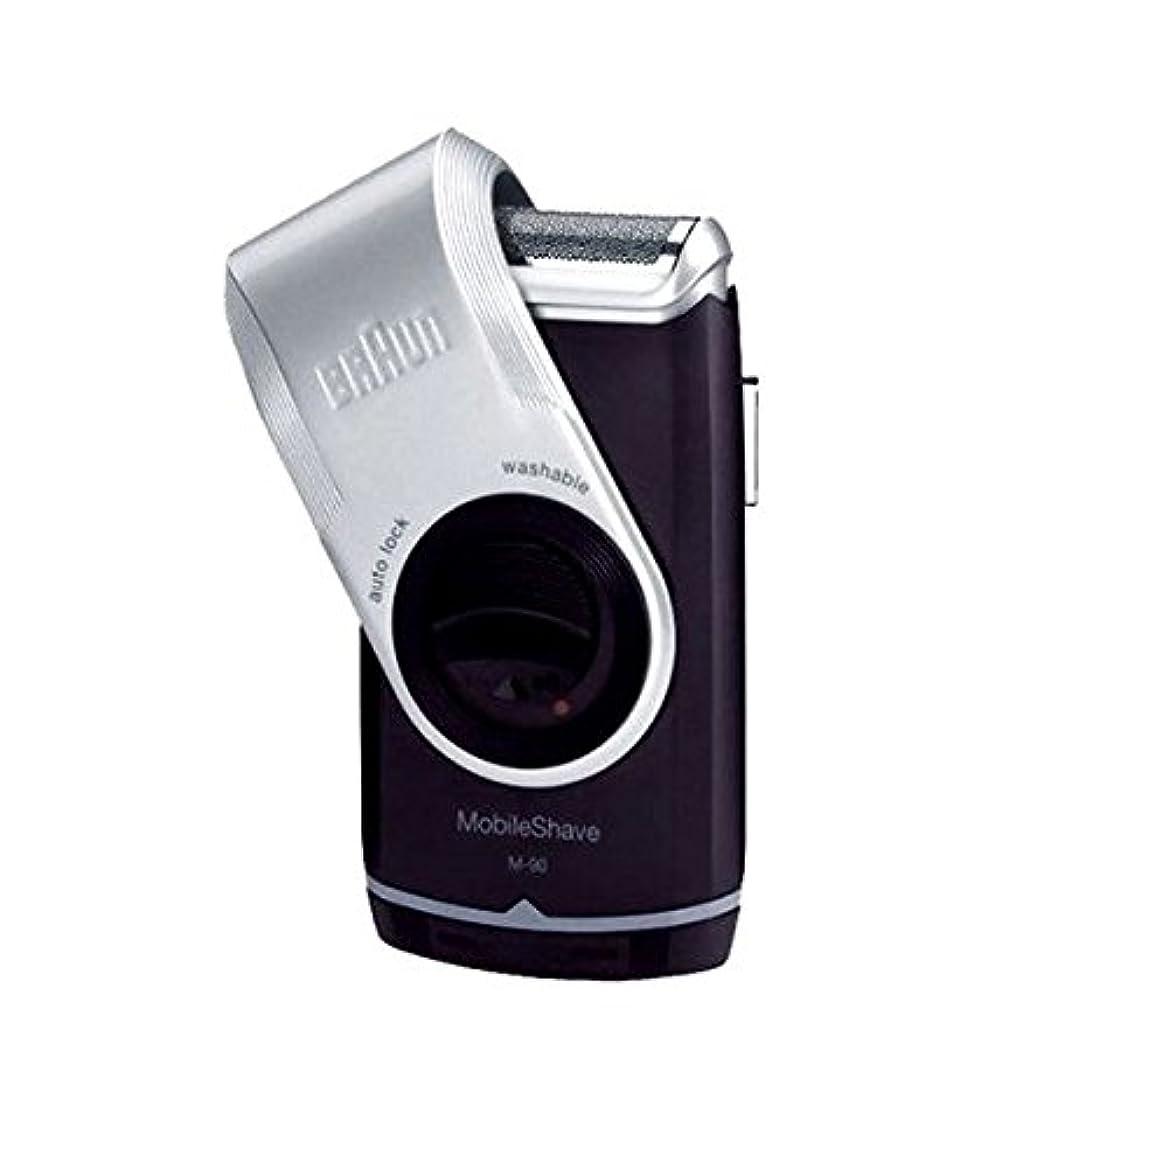 悔い改める嫌がるラッドヤードキップリングBRAUN ブラウン 乾電池式 携帯用メンズシェーバー Mobile Shave M-90